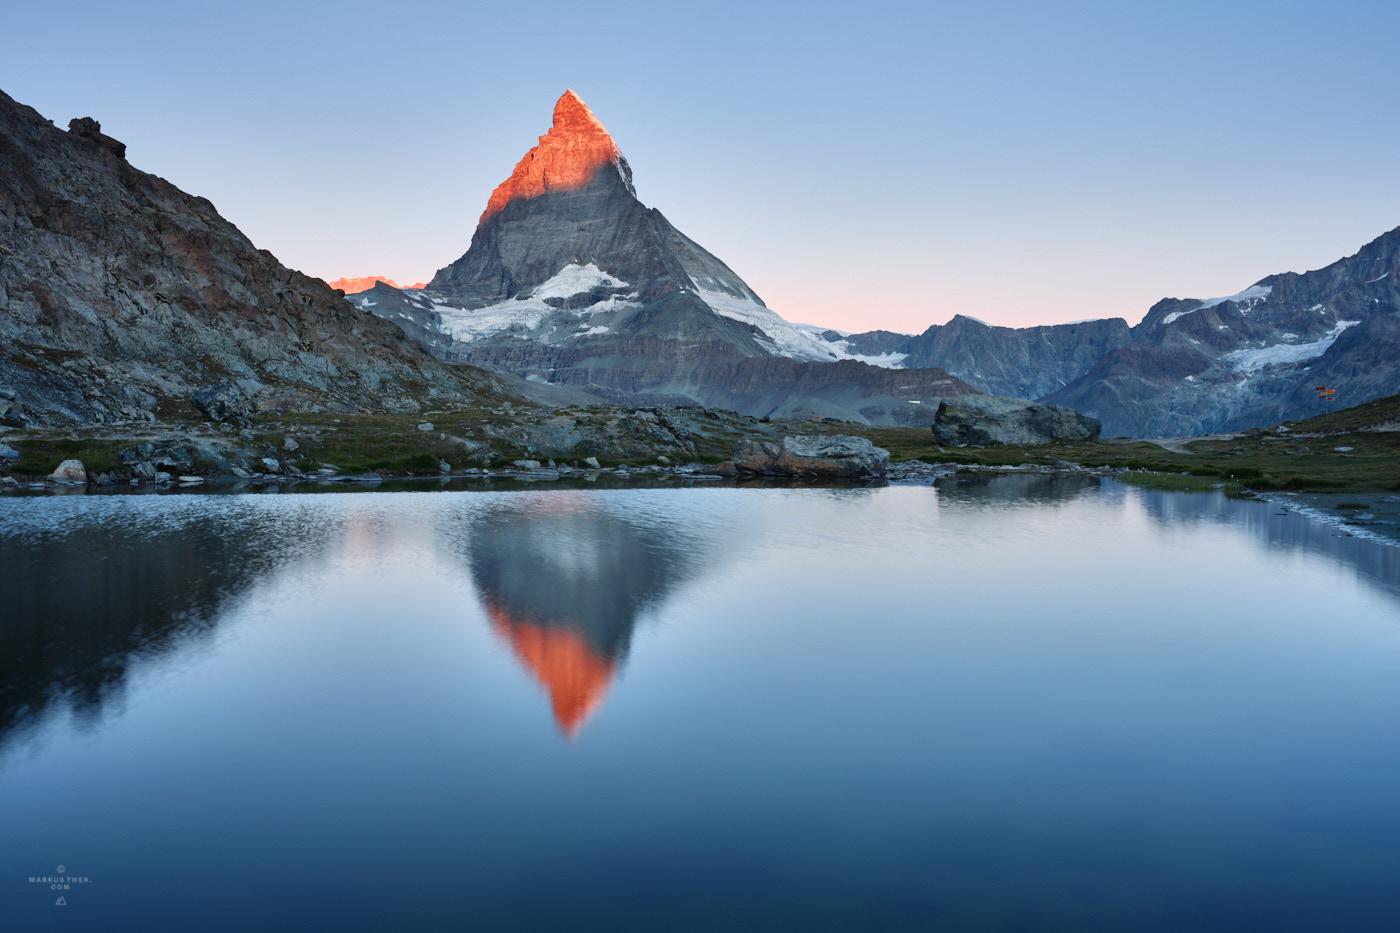 Das Matterhorn bei Sonnenaufgang bei einem Fotoworkshop.